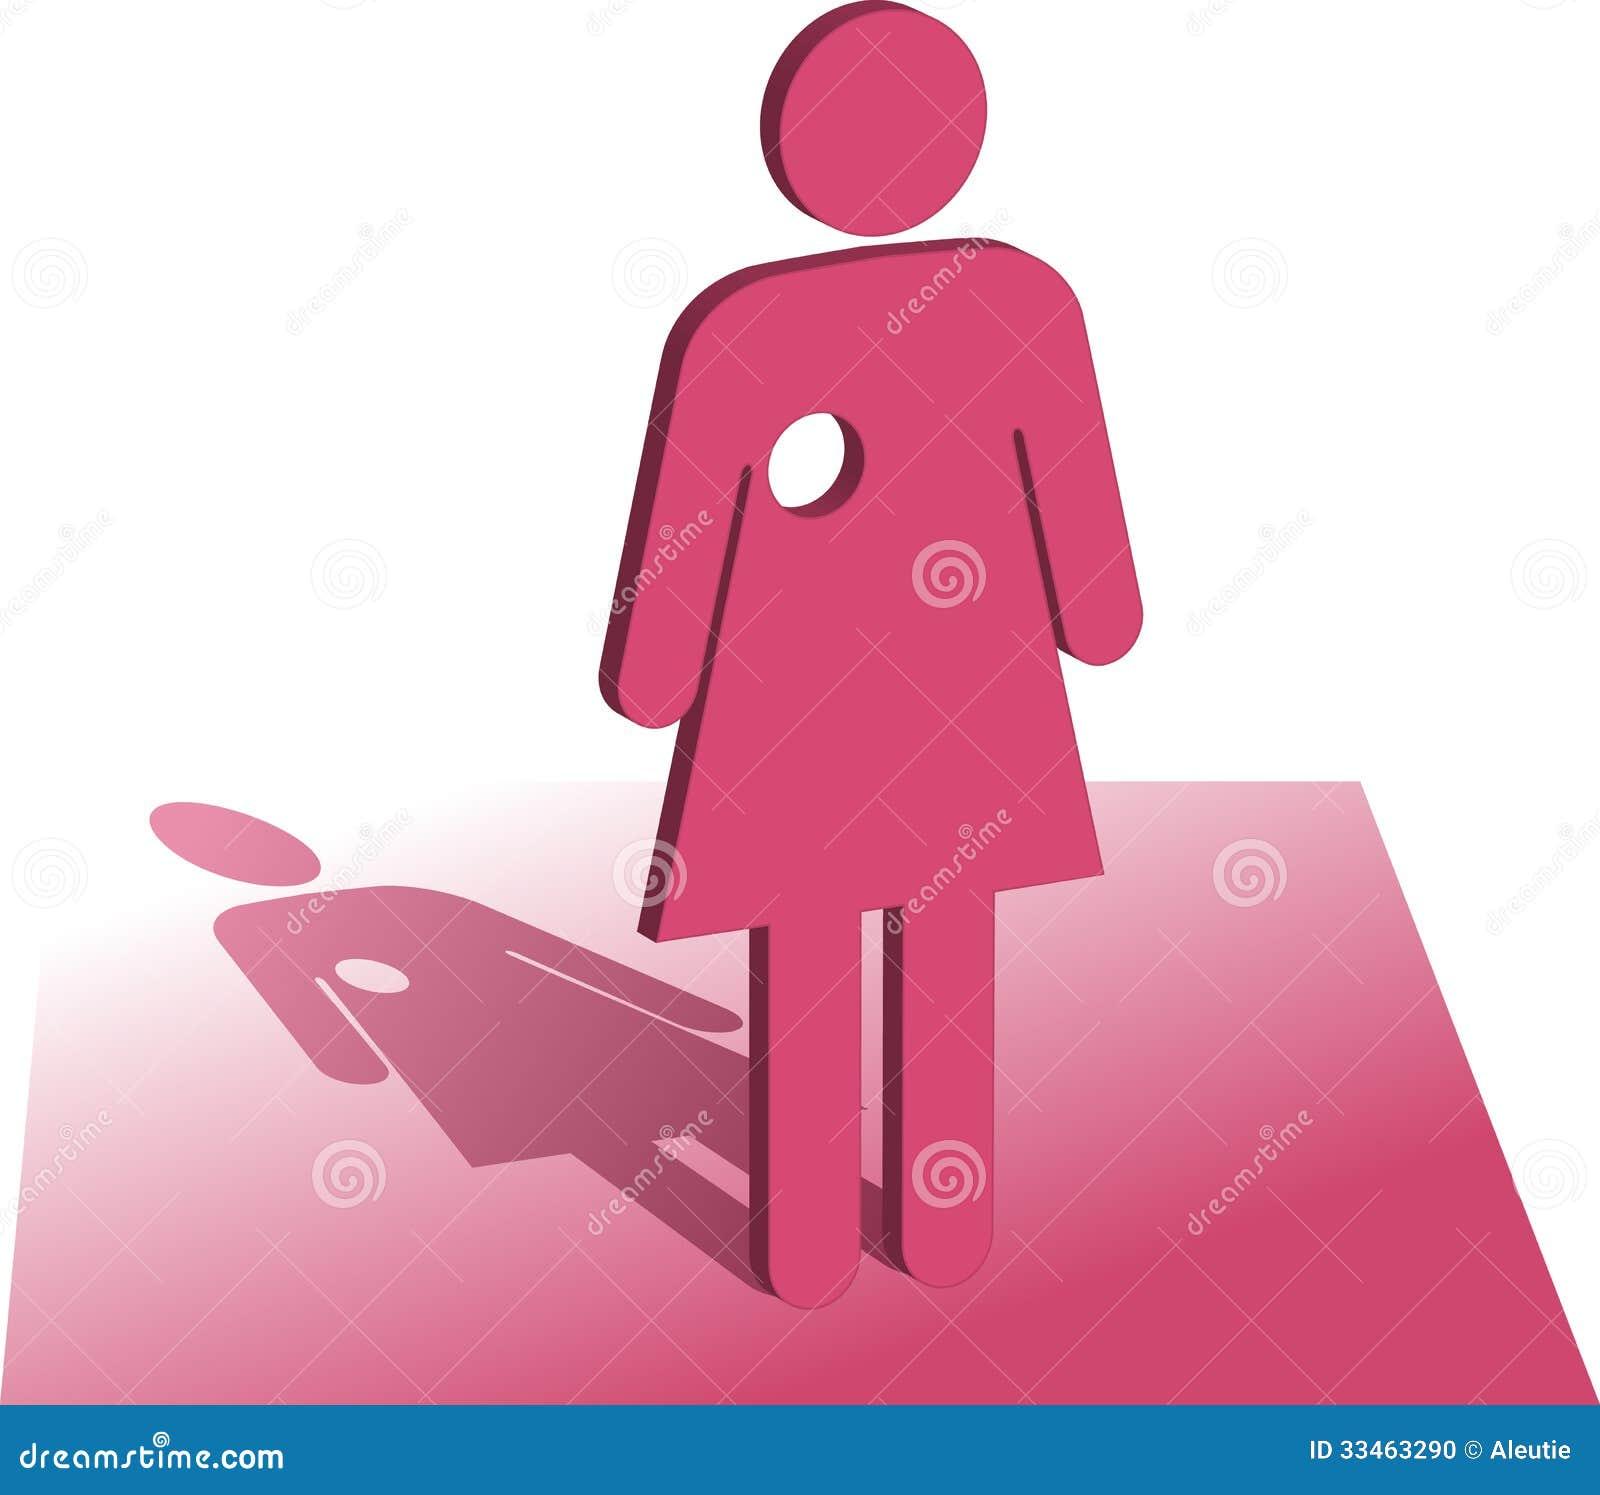 Символ рака молочной железы